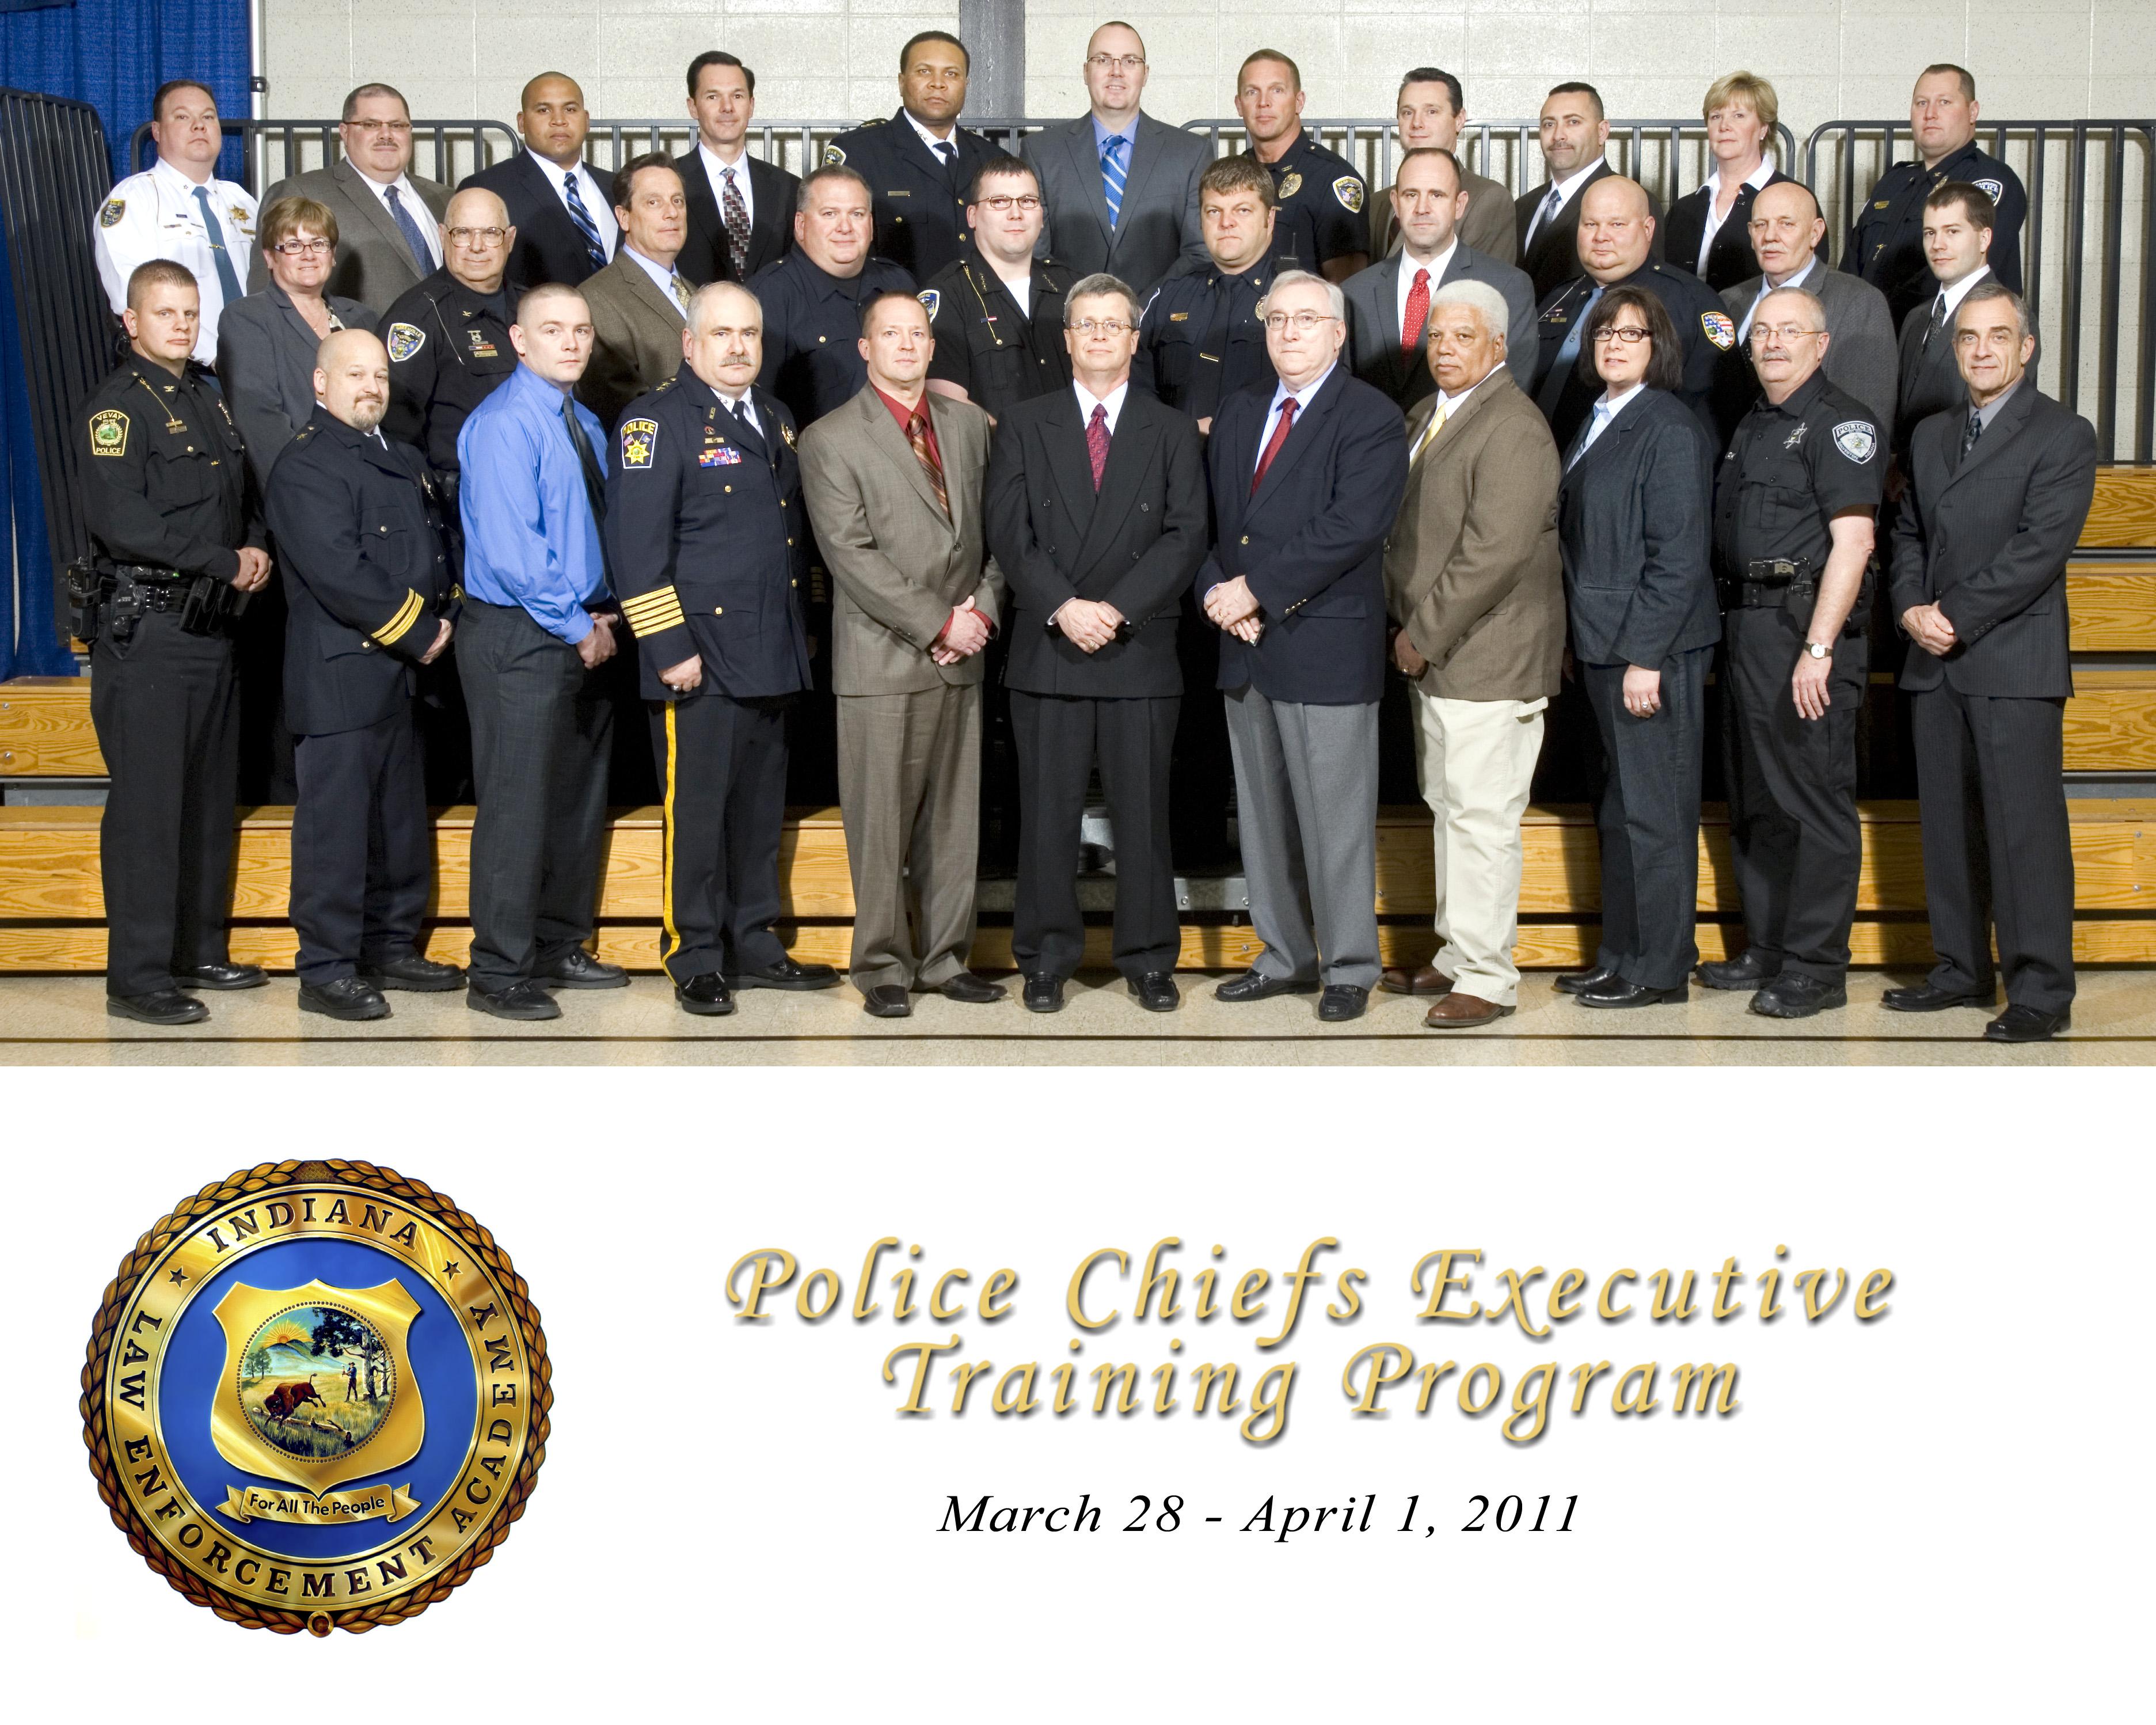 Ilea Police Chief Executive Training